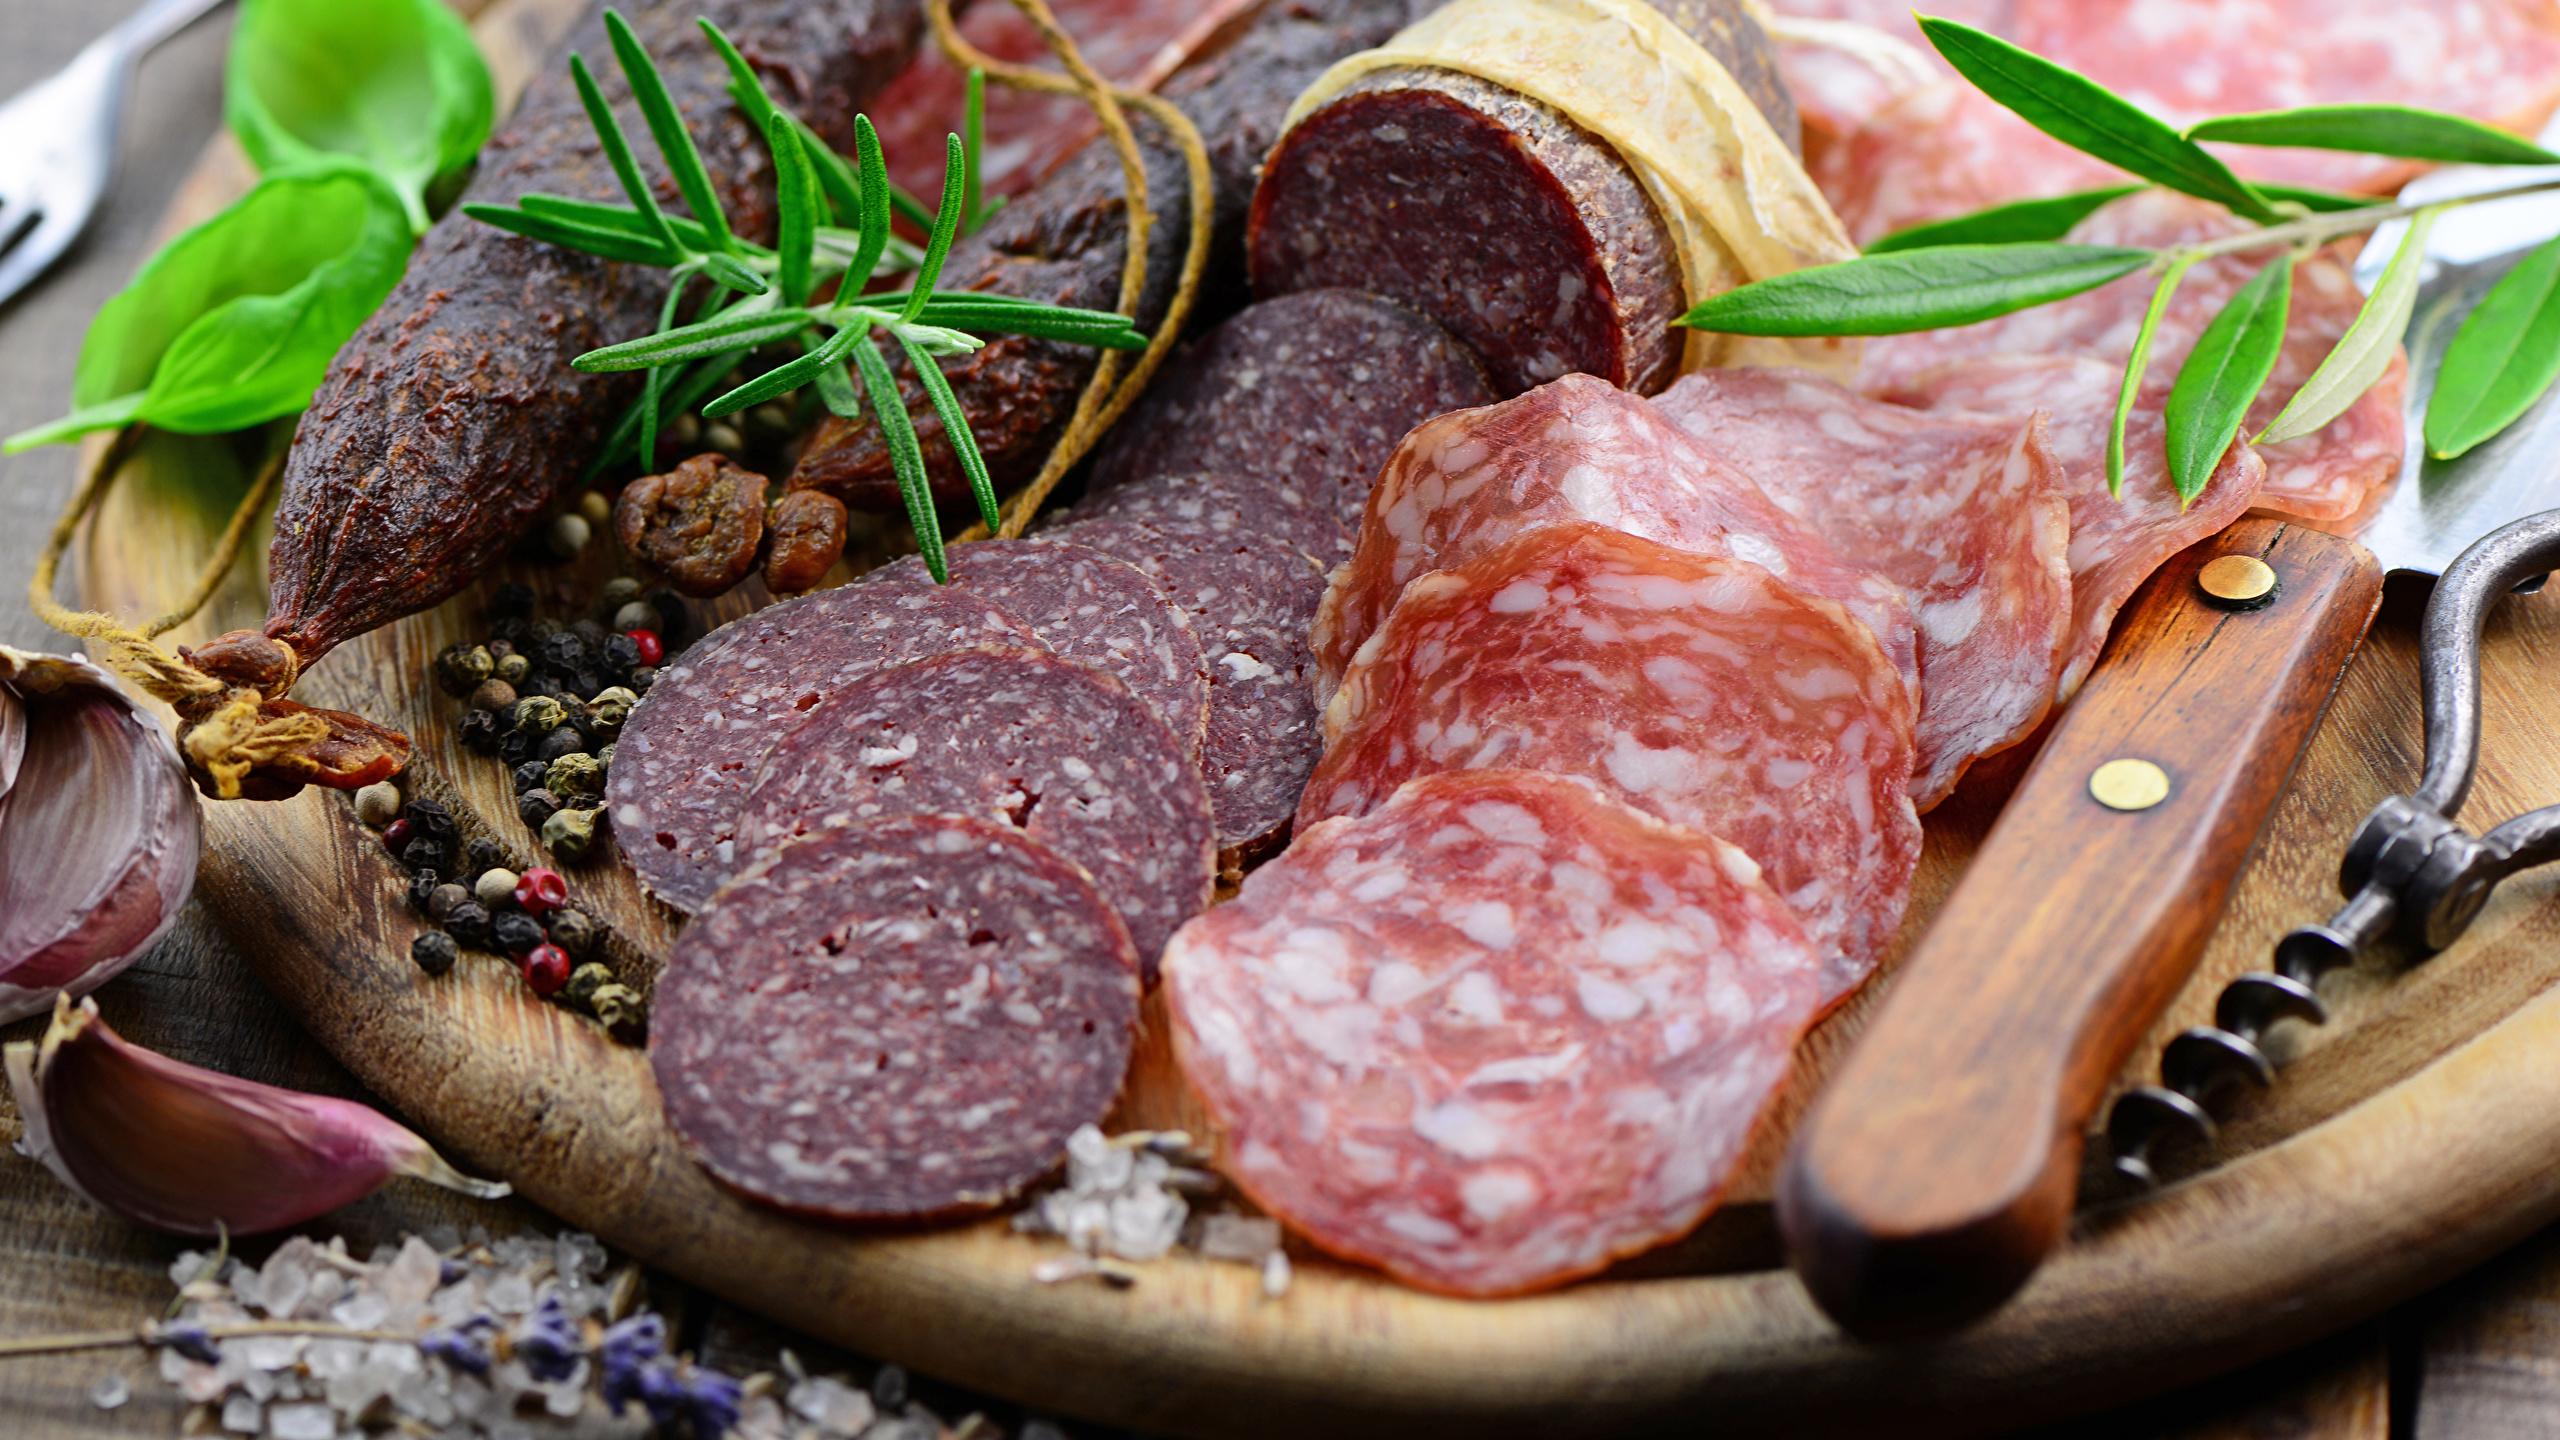 еда колбаса сосиски мясо салат  № 2121897 бесплатно